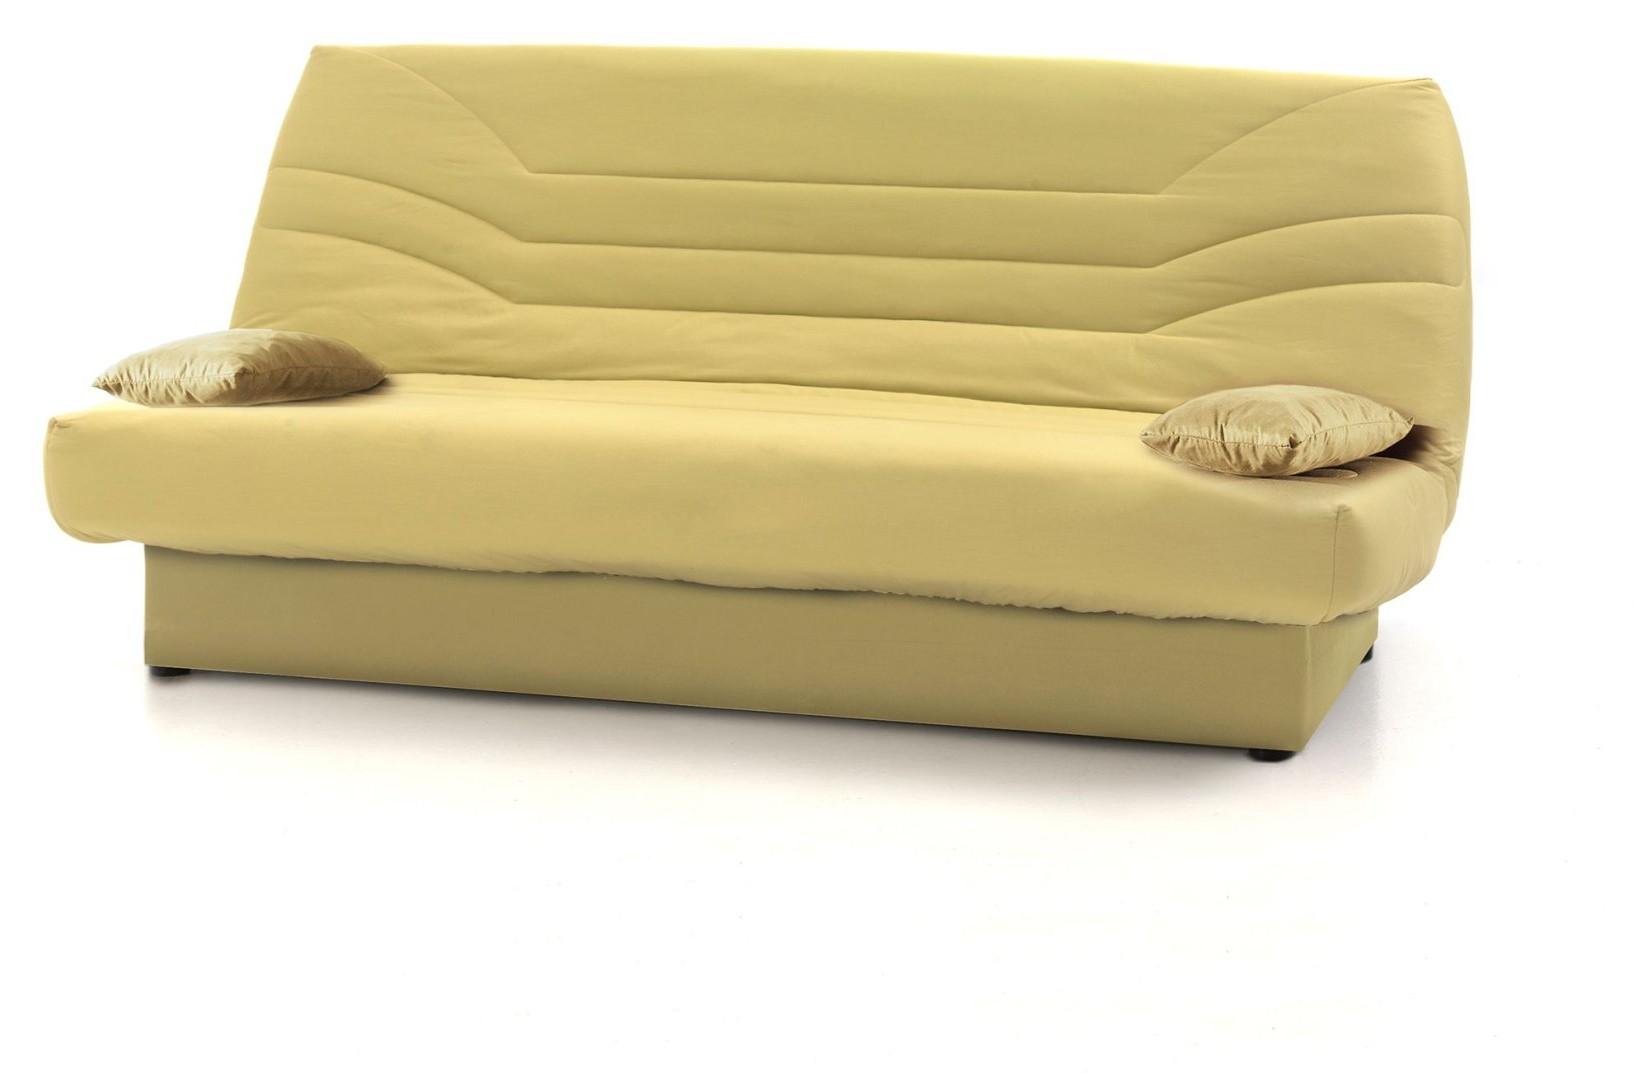 Housse Canapé Clic Clac Amazon